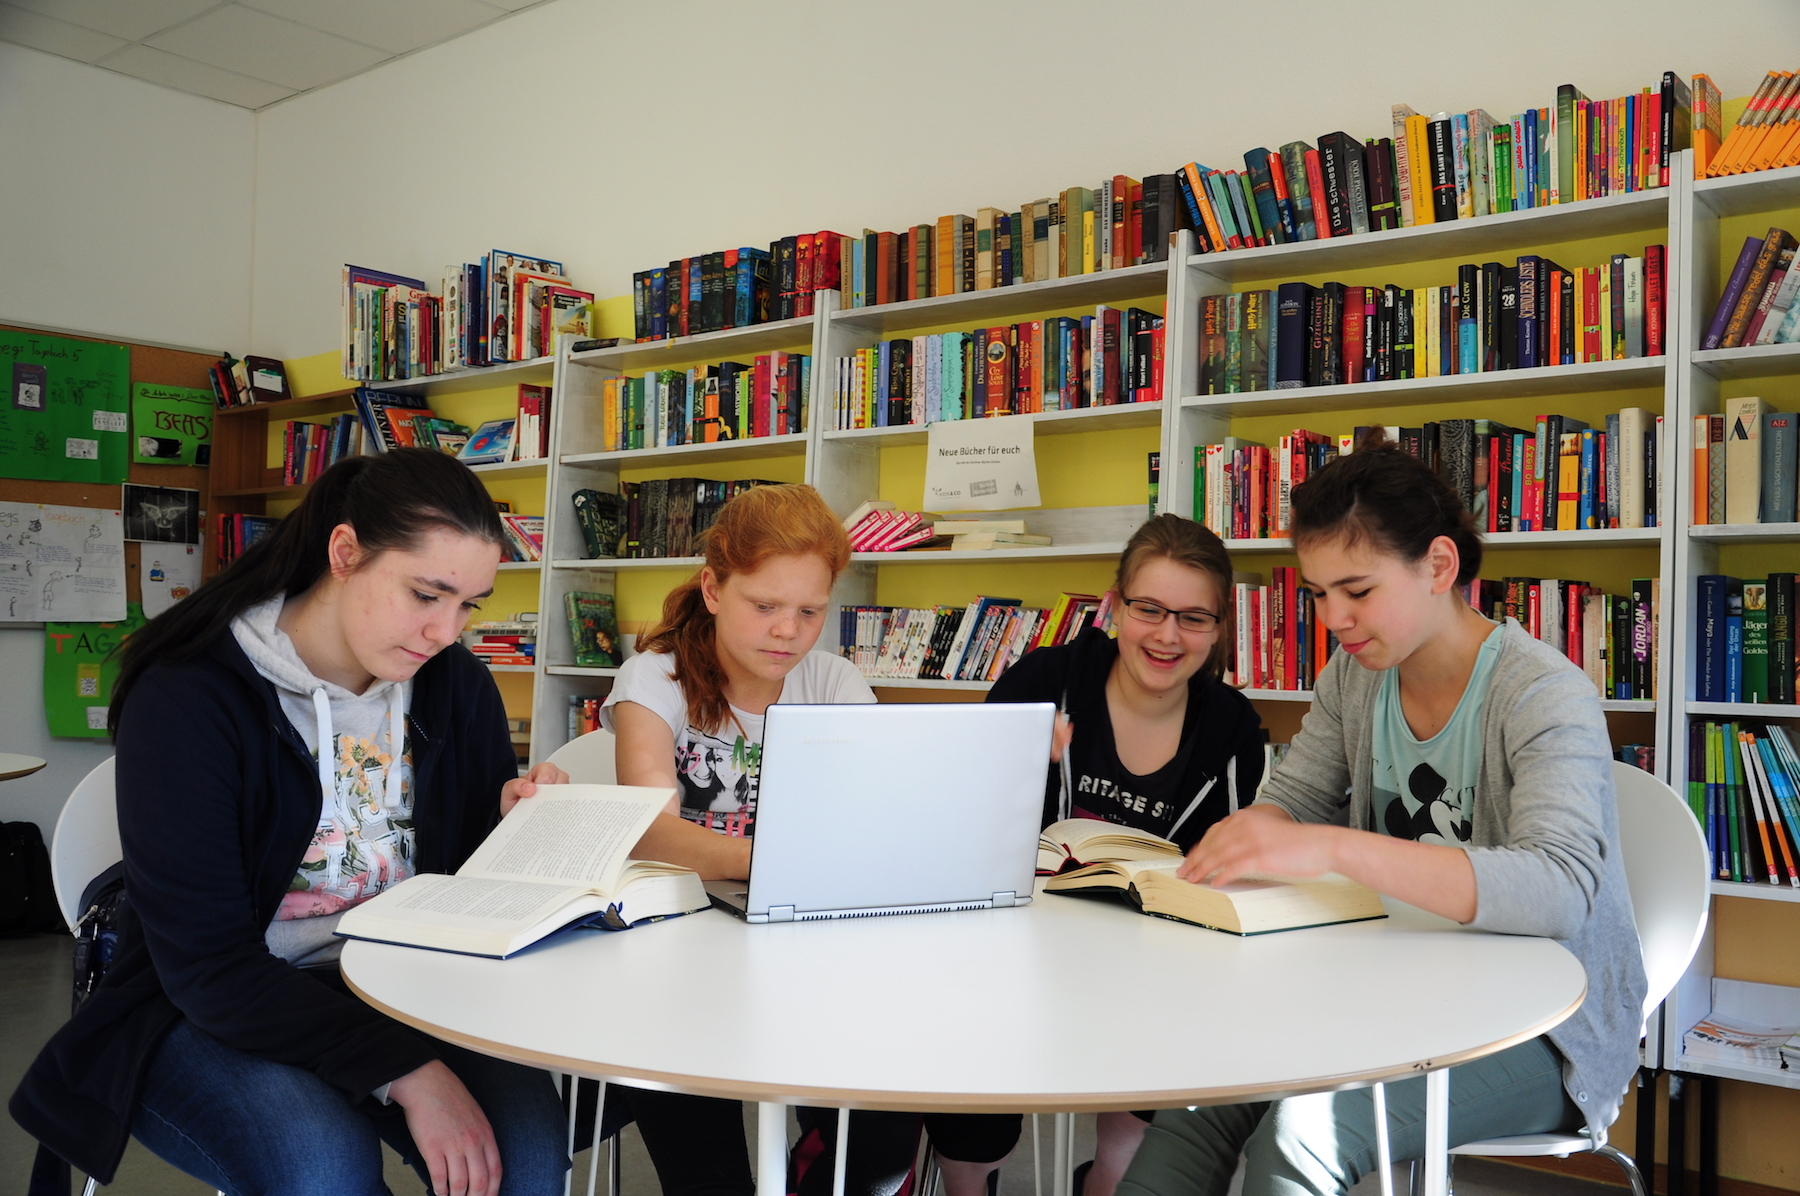 Gruppe von Mädchen in einer Schulbibliothek